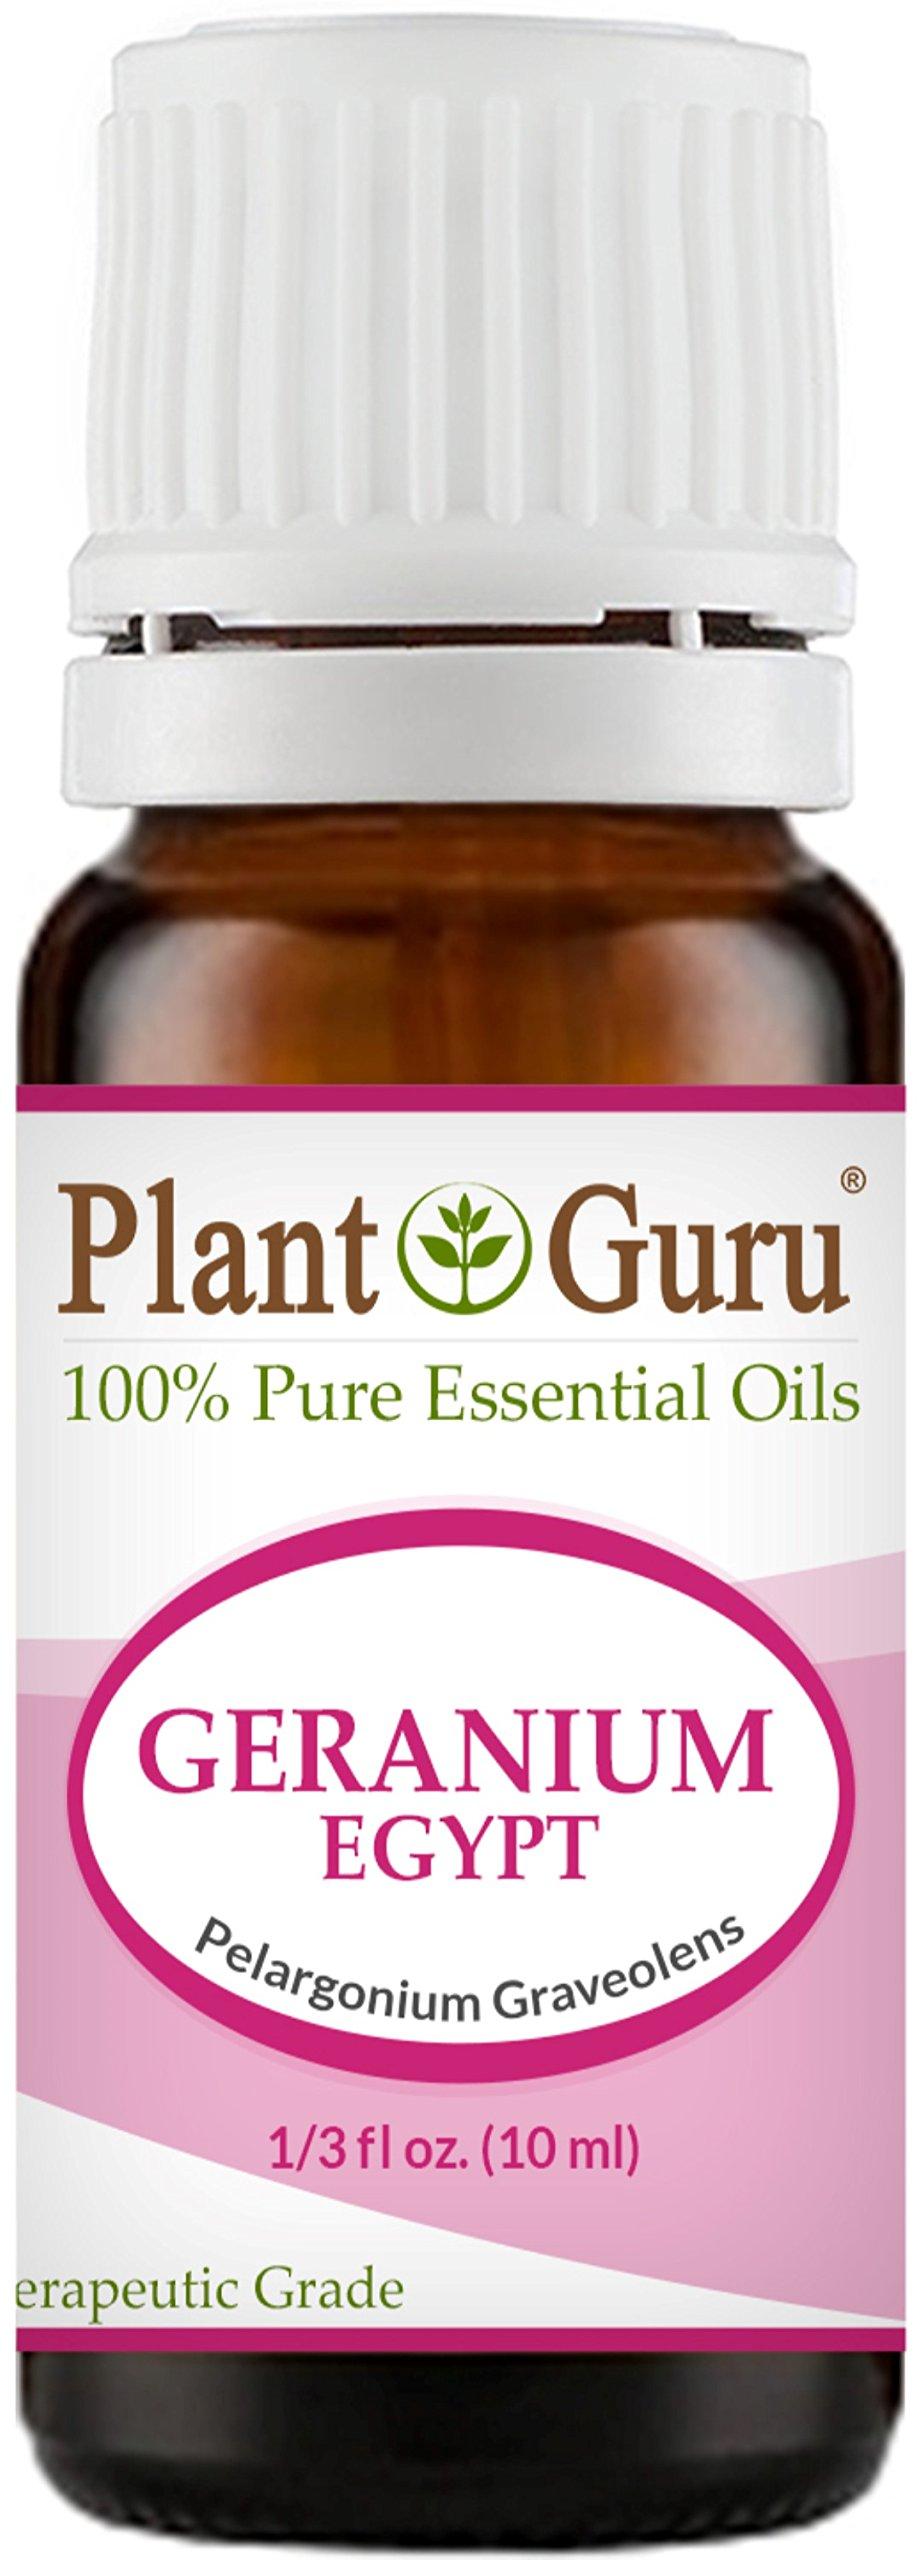 Geranium Egypt Essential Oil 10 ml. 100% Pure Undiluted Therapeutic Grade.